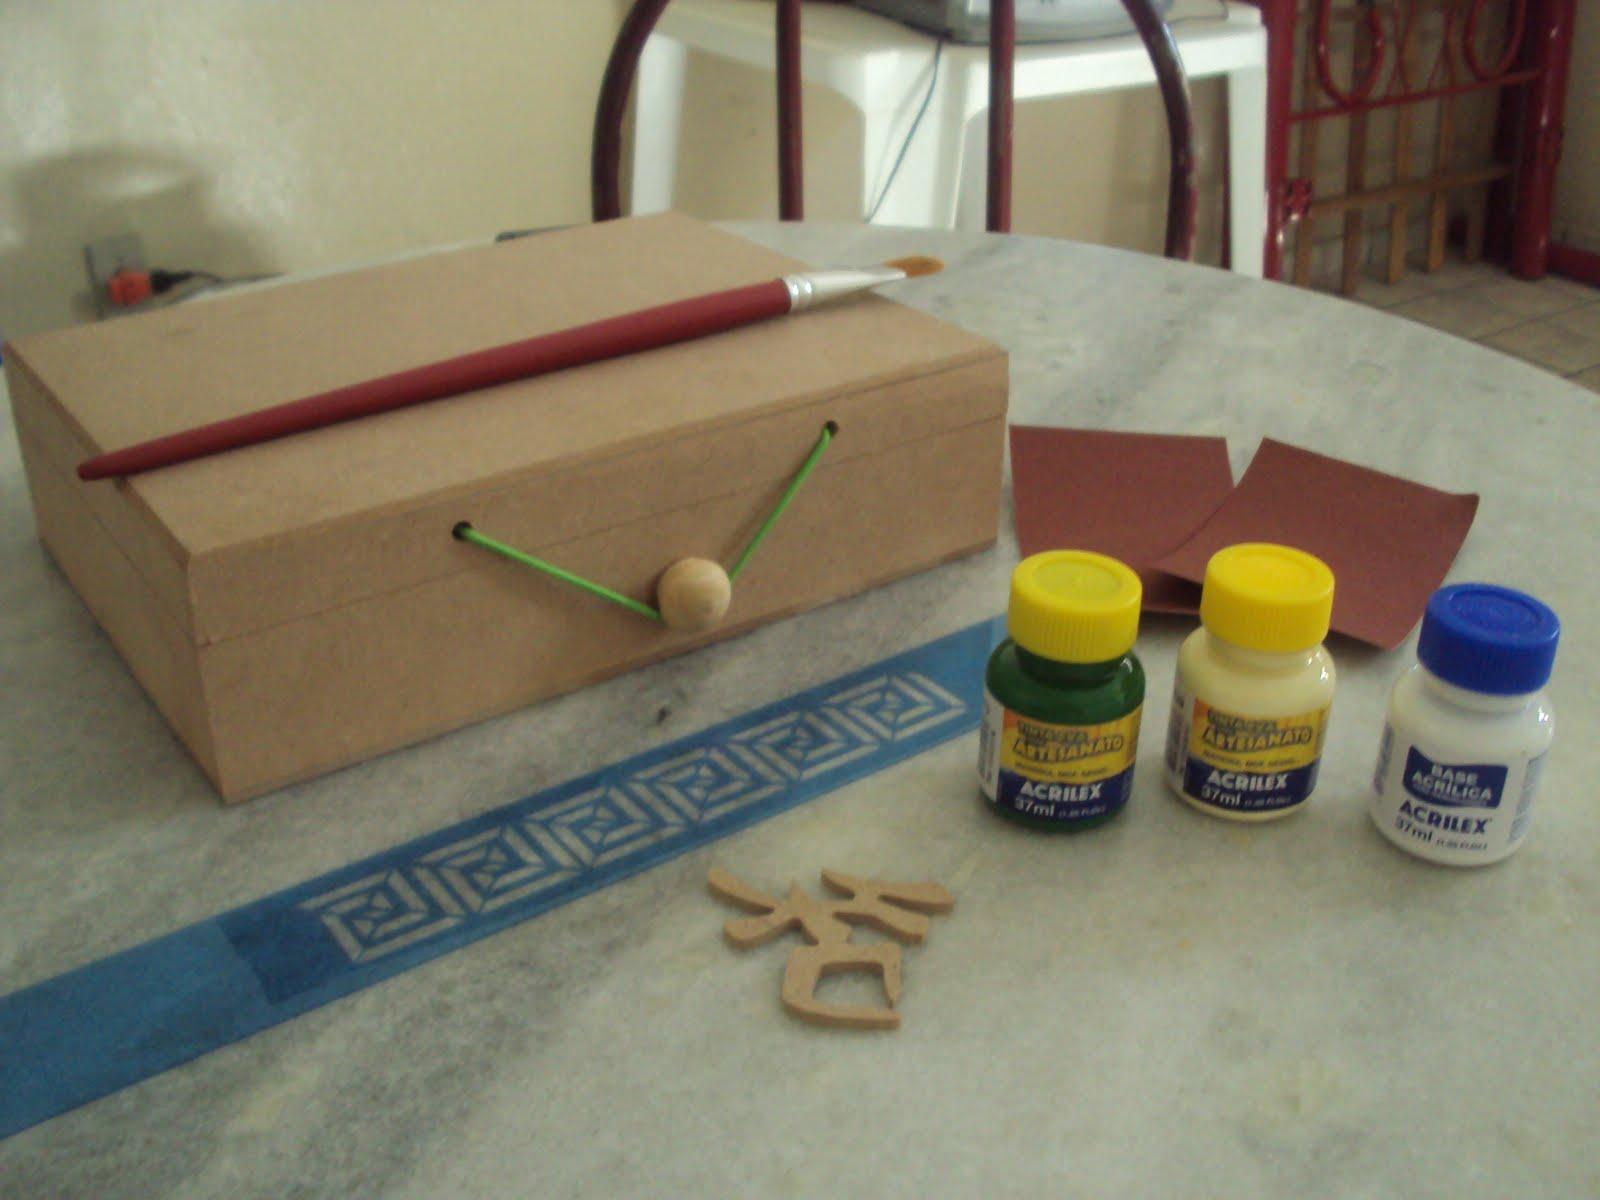 Lixe a caixa retire todo o pó com um pano seco e depois passe a  #2D4962 1600x1200